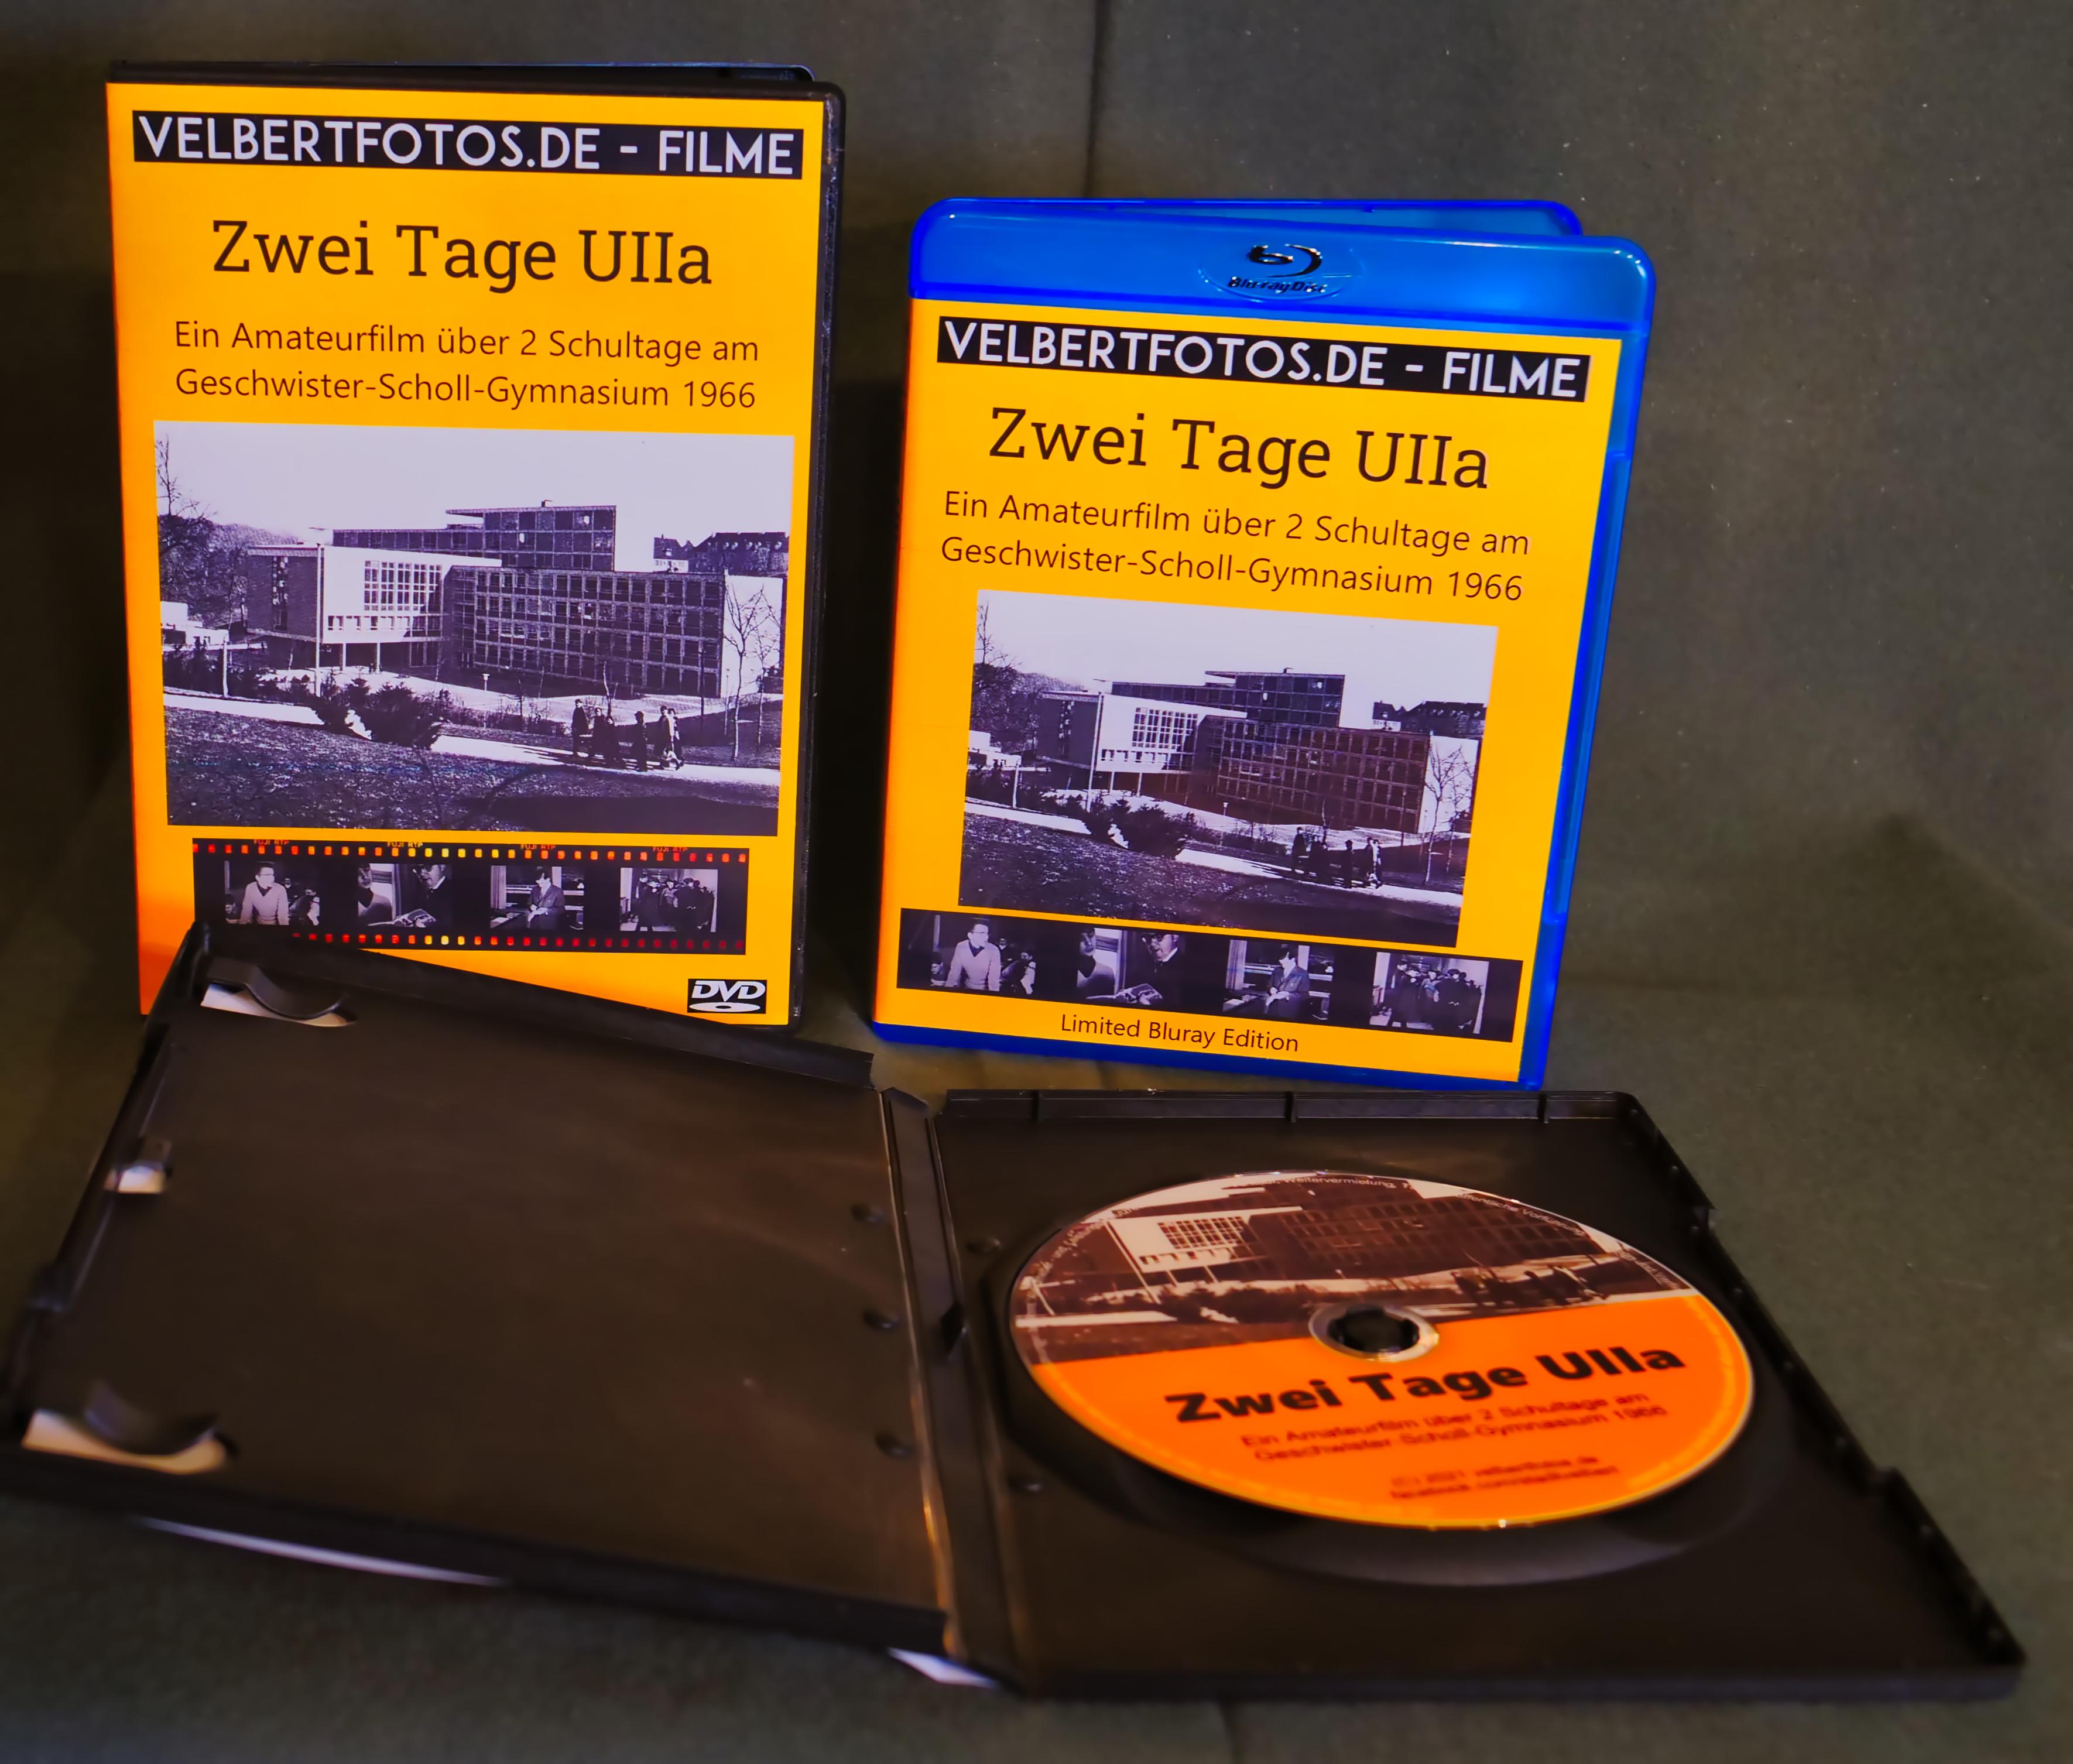 Zwei Tage UIIa DVD/Bluray